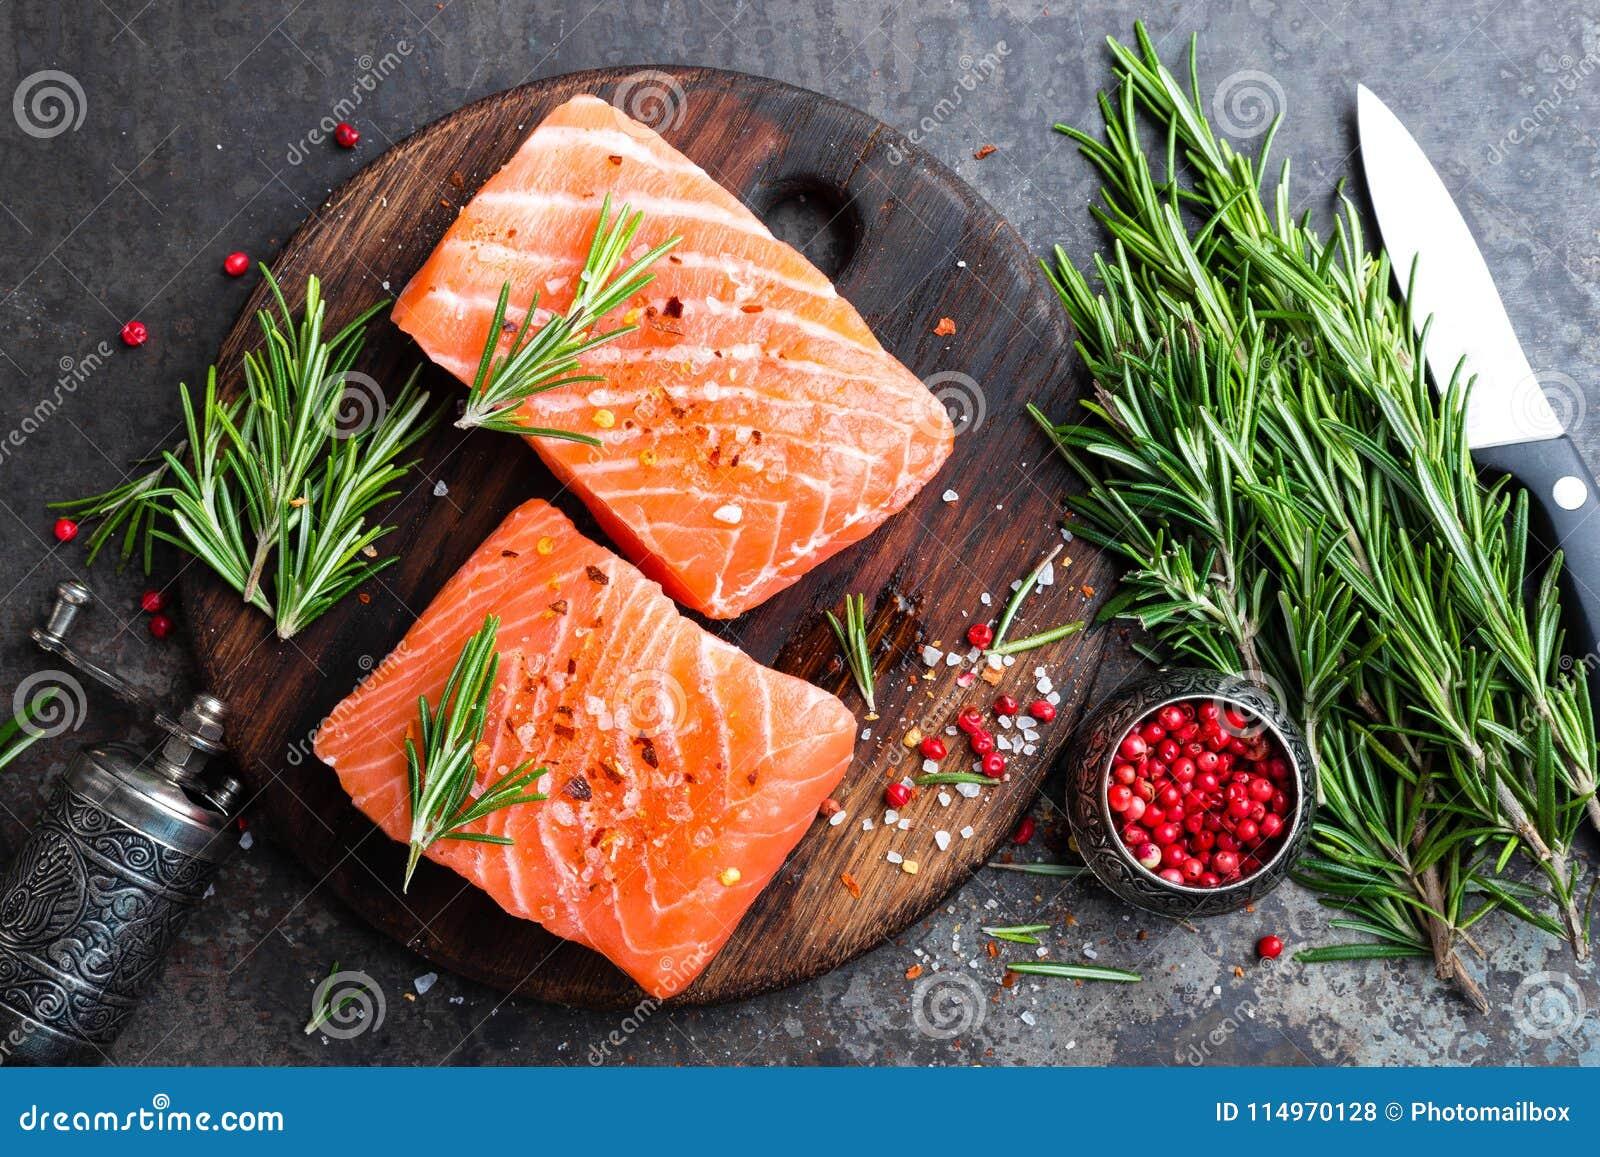 Salmoni Pesci di color salmone freschi Filetto di pesce di color salmone crudo